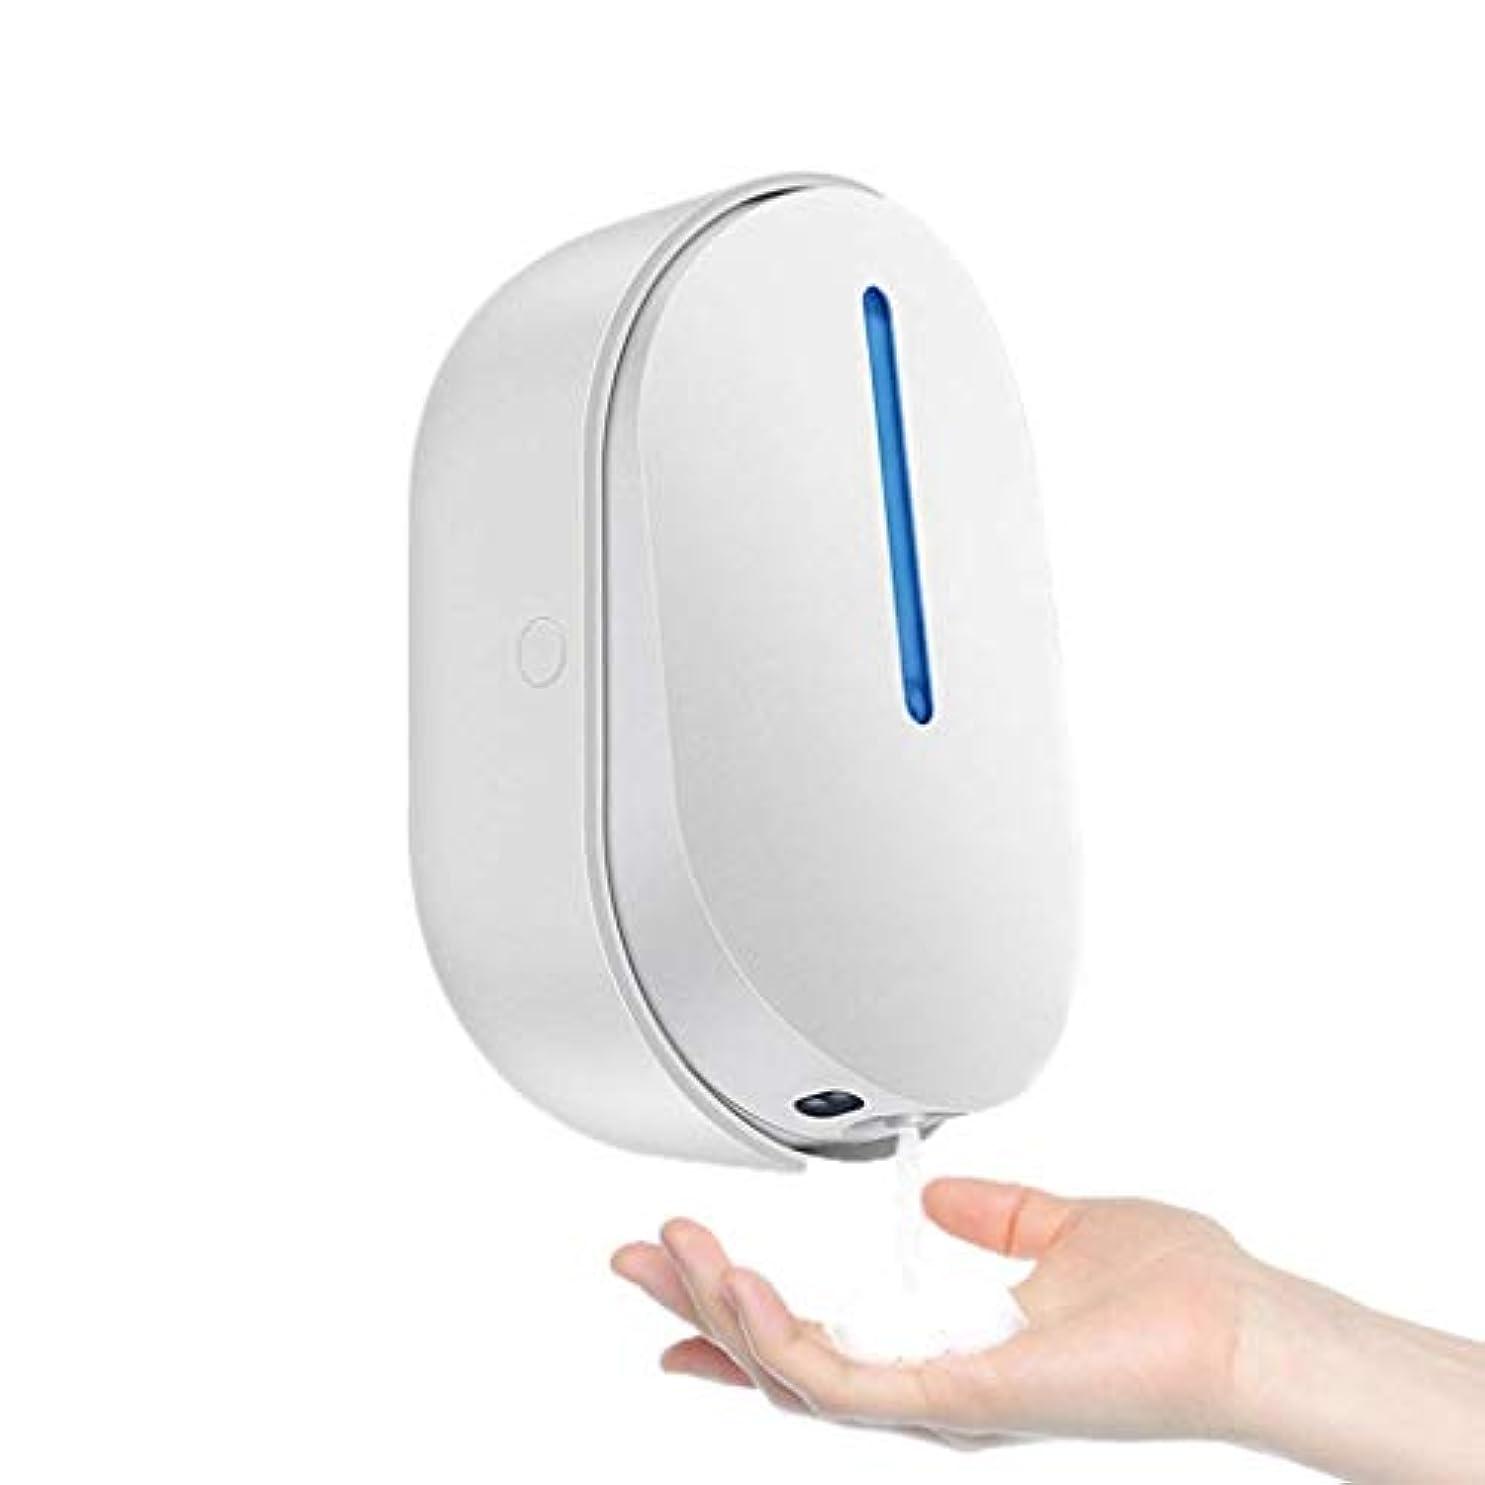 パーティション寂しい腹痛壁掛け赤外線センサーエマルジョンディスペンサーキッチンバスルームブラケットハンドソープ充電式バッテリー泡洗浄携帯電話ローション (Color : Silver, Size : 18*12.2*8.5cm)